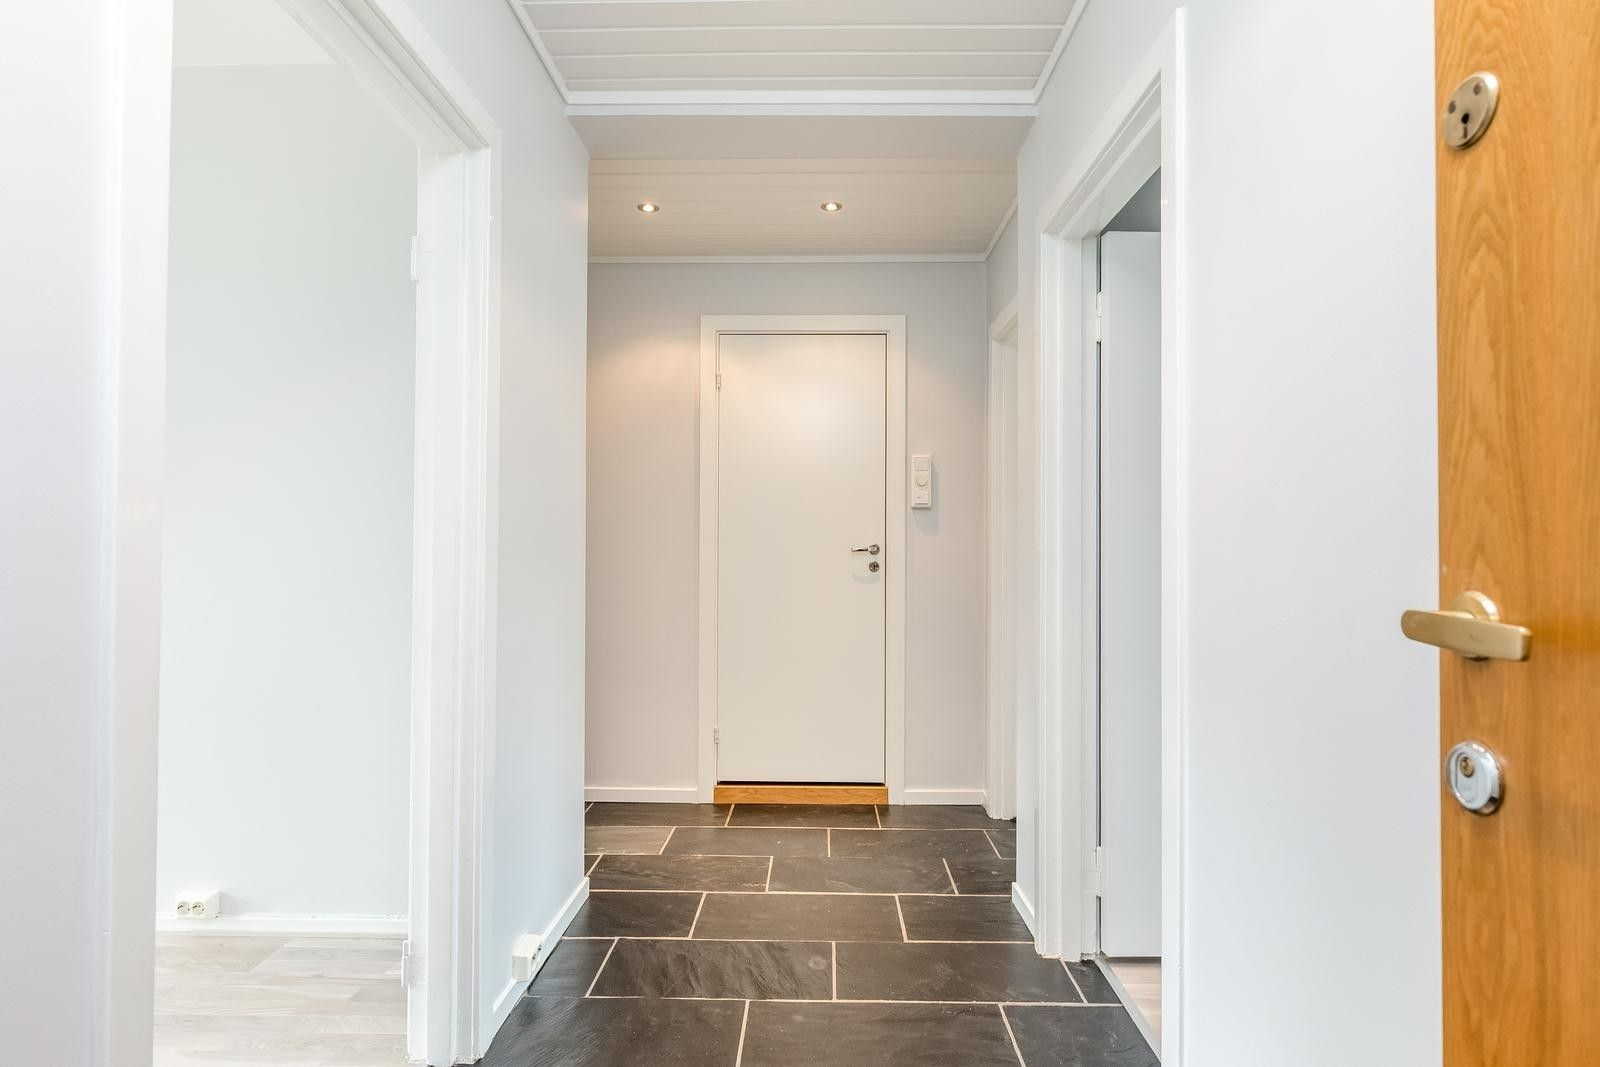 FINN – Årvoll/Tonsenhagen - Lys og lekker 3 roms ved marka!Solrik balkong - barnevennlig - kort vei til buss og butikk.